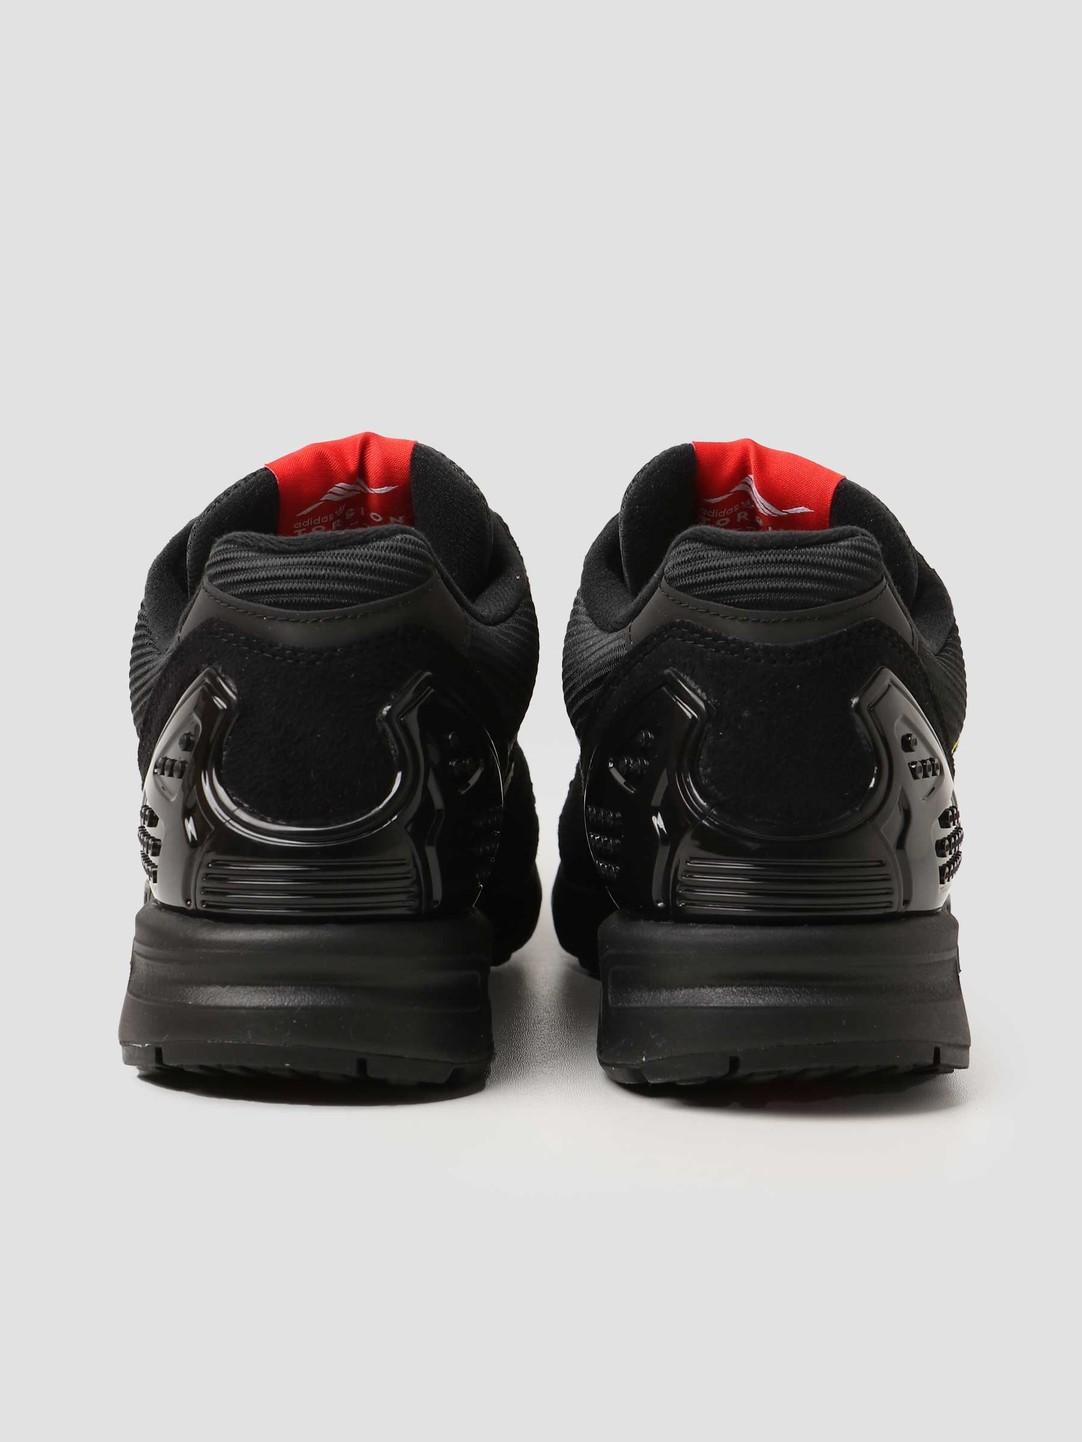 adidas adidas ZX 8000 Lego Black Footwear White Black FY7085